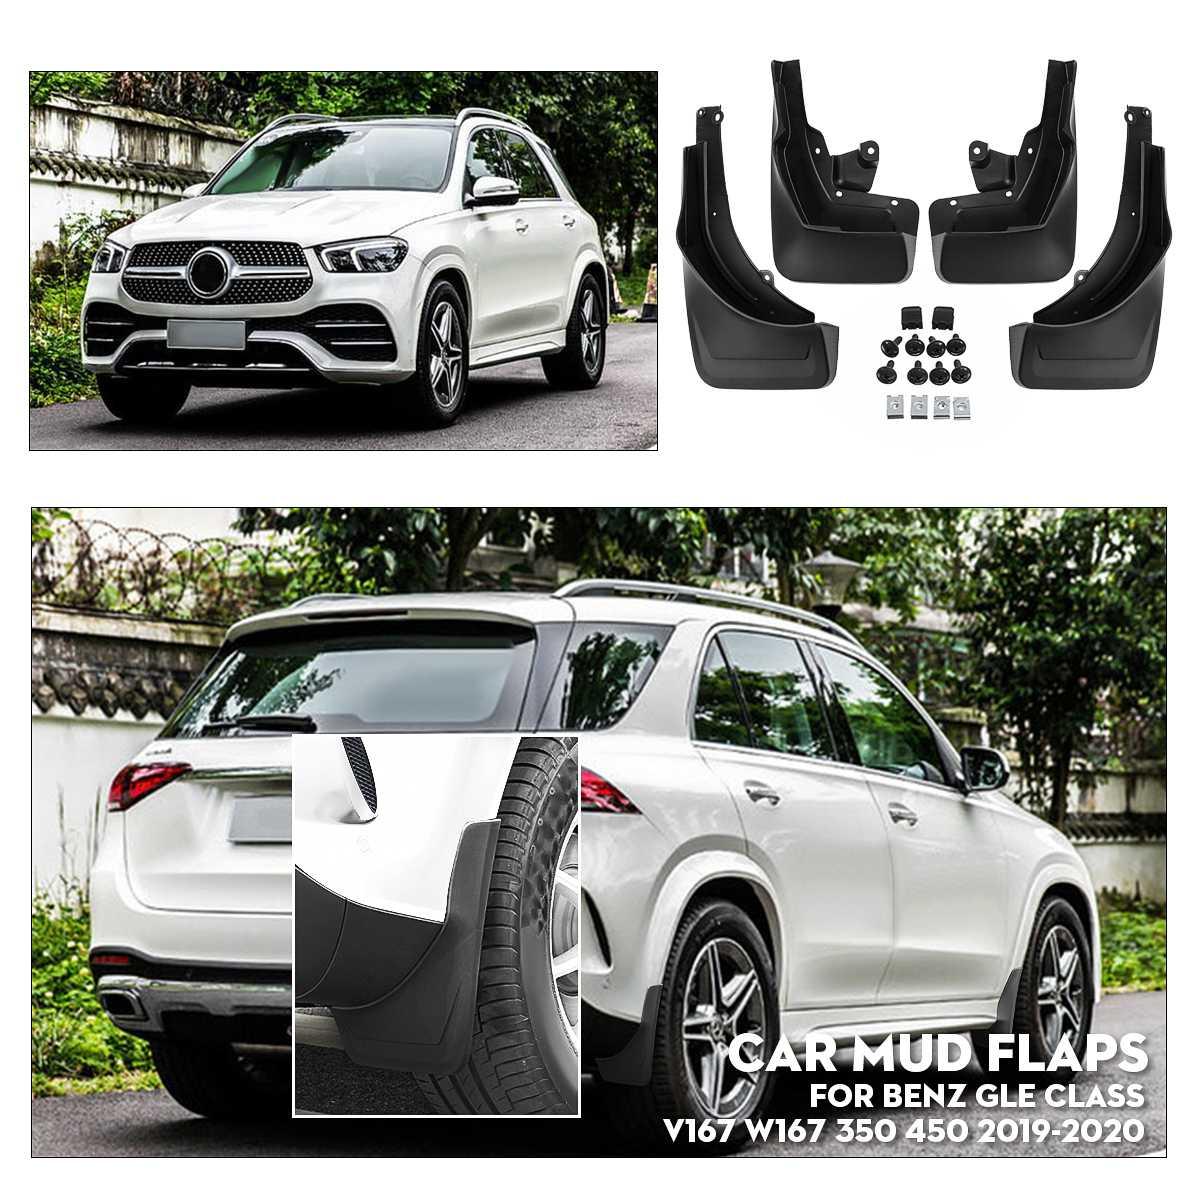 Araba çamurluklar çamurluk için çamurluk sıçrama Flap çamurluklar Mercedes/Benz GLE sınıf V167 W167 350 450 2019- 2020